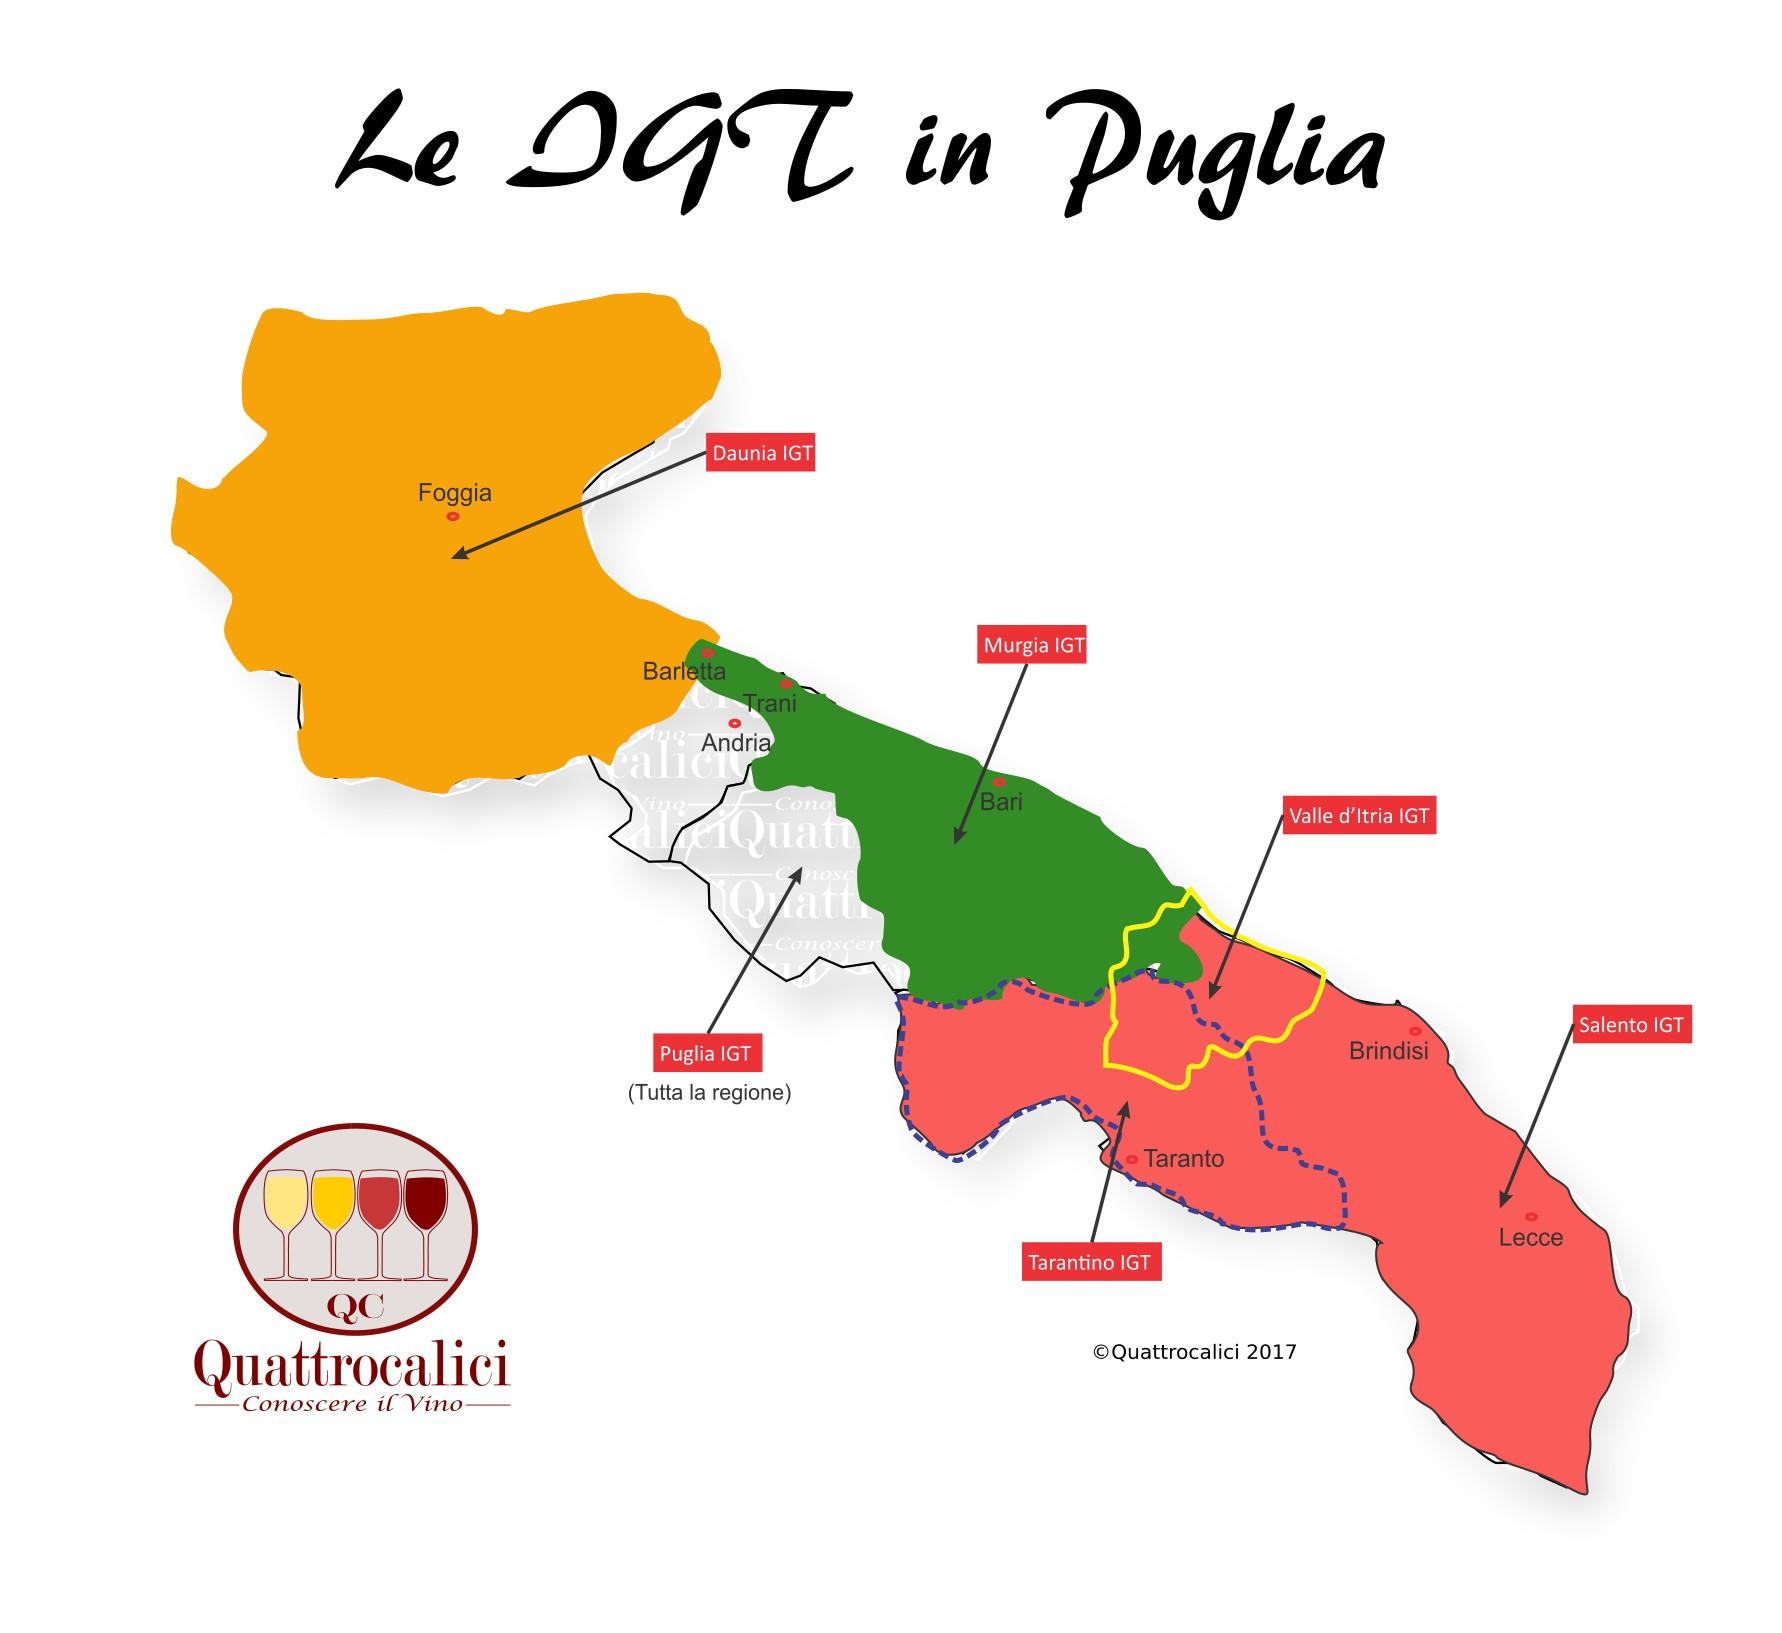 Mappa Denominzioni IGT Puglia